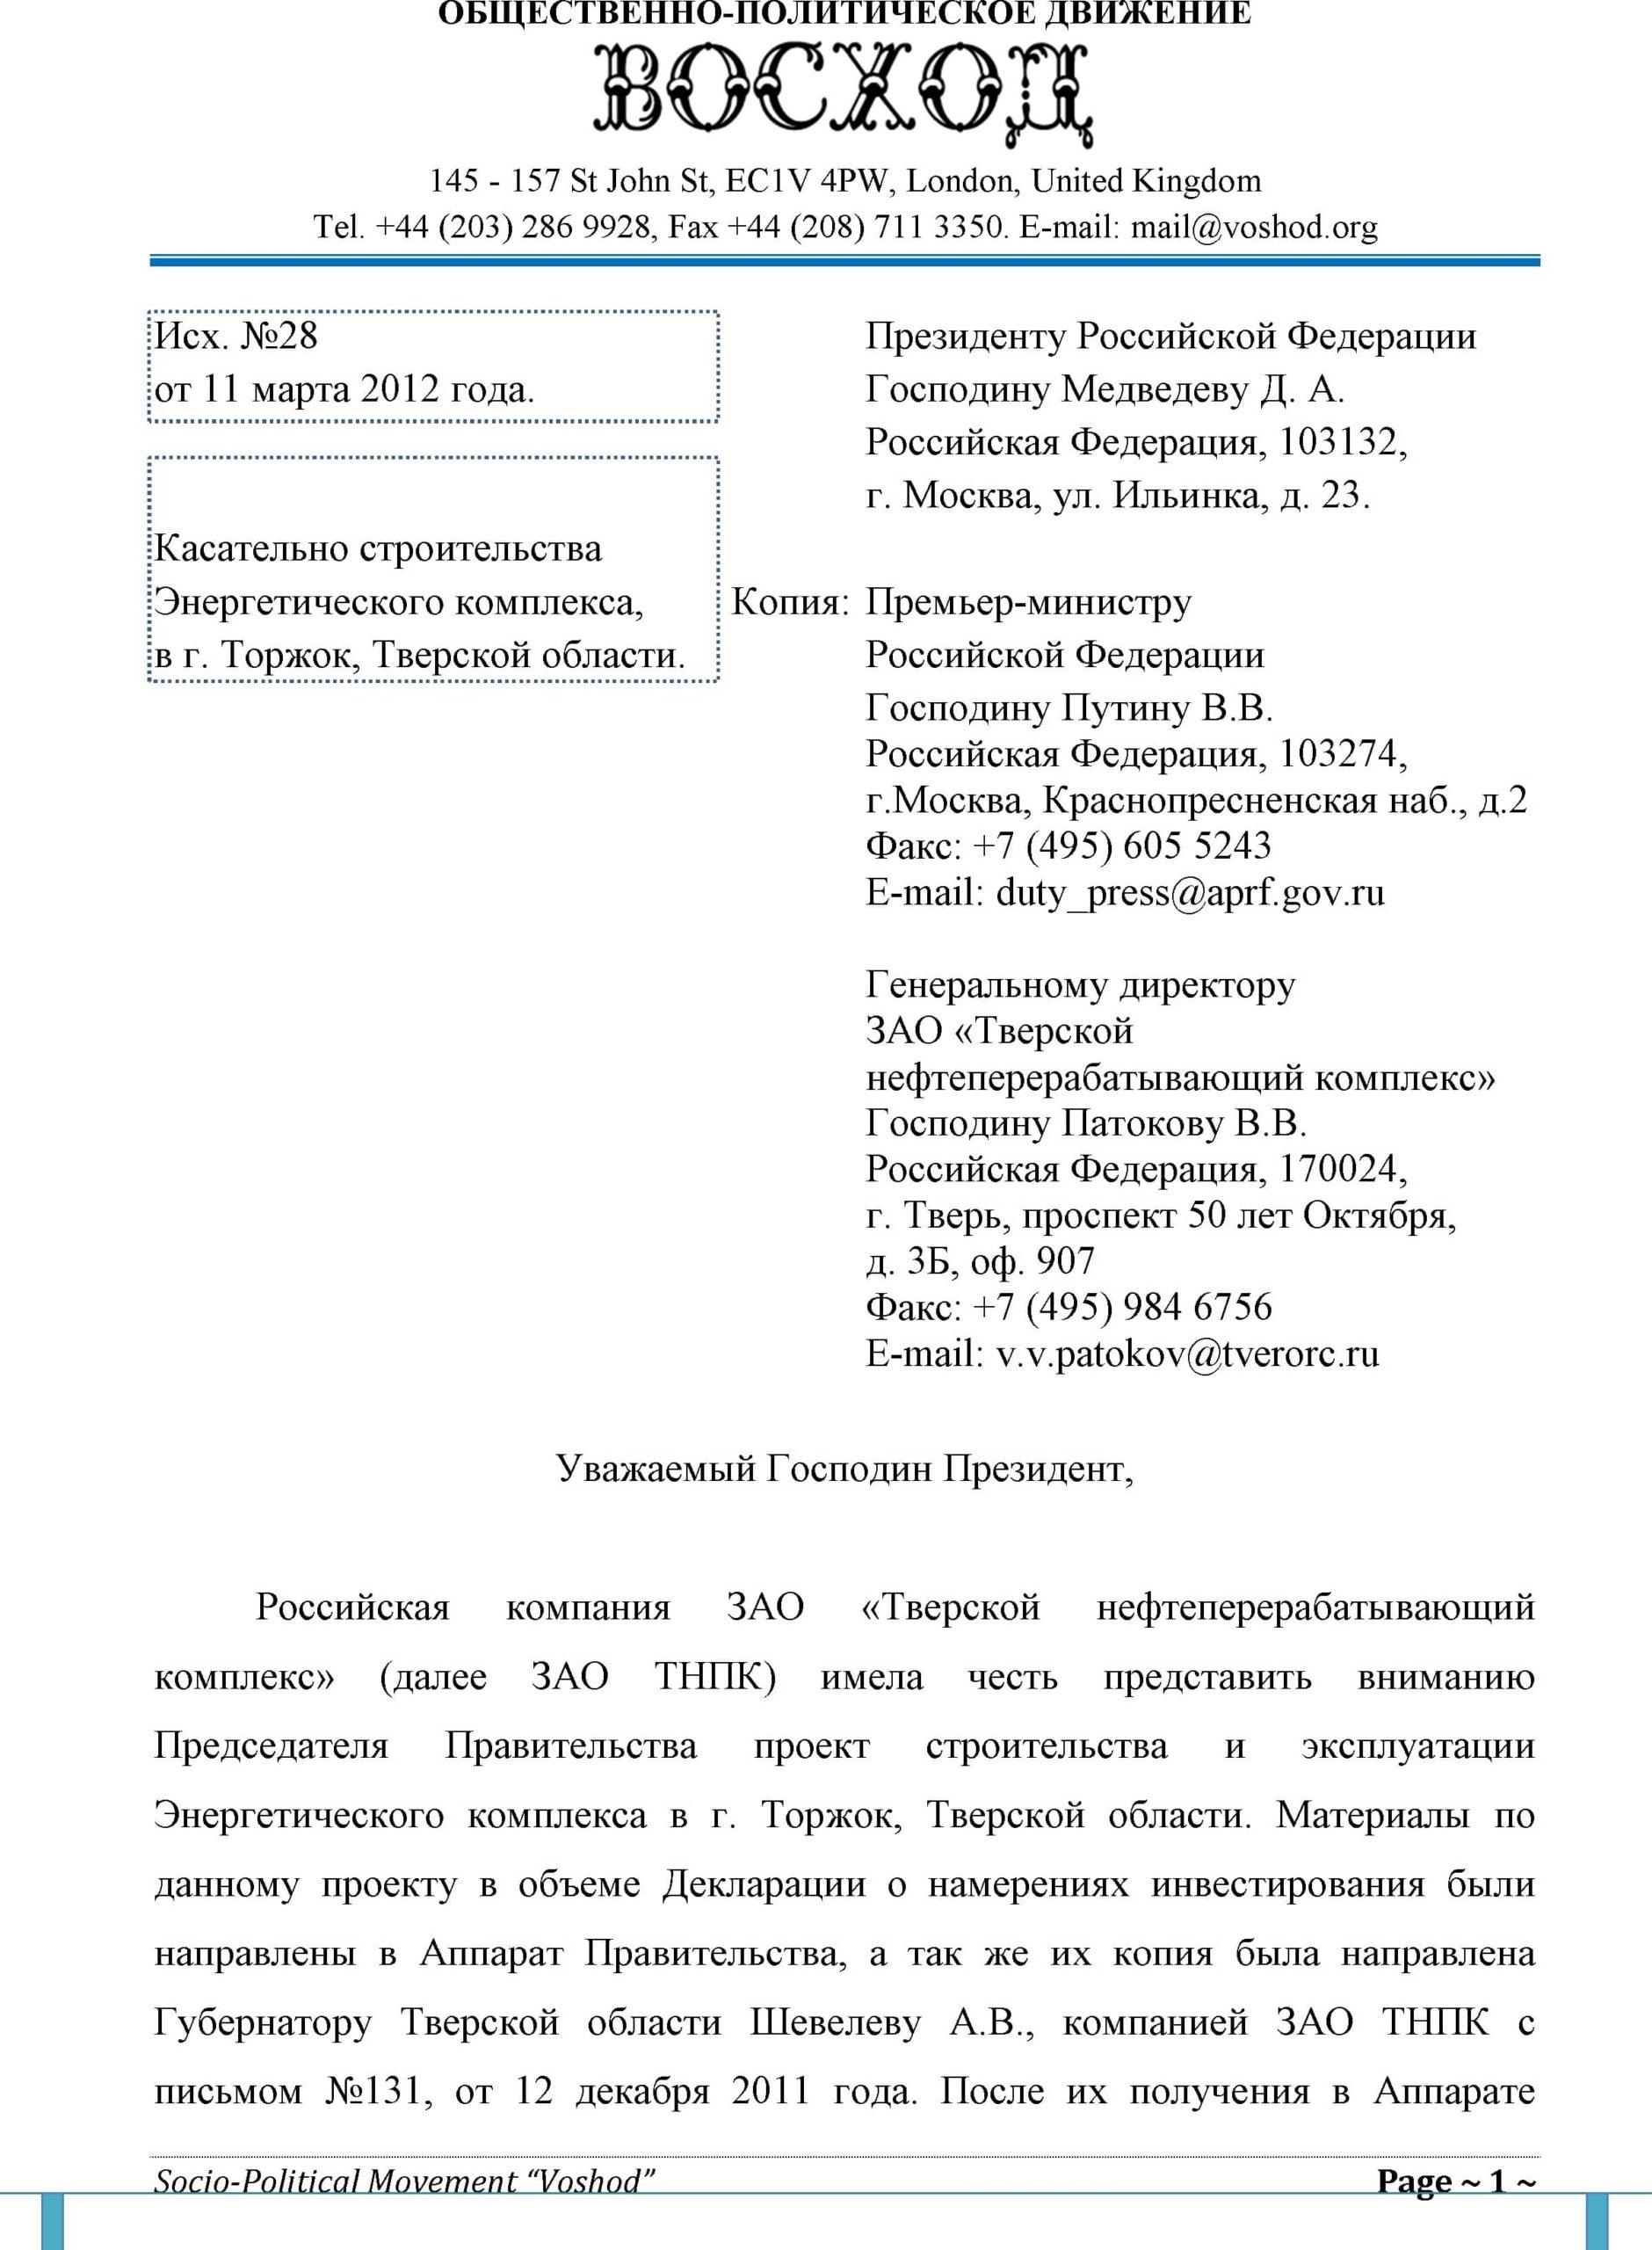 9. Отправленные письма к господам Путину В.В., Медведеву Д.А., Лукашенко А.Г., Мясниковичу М.В.